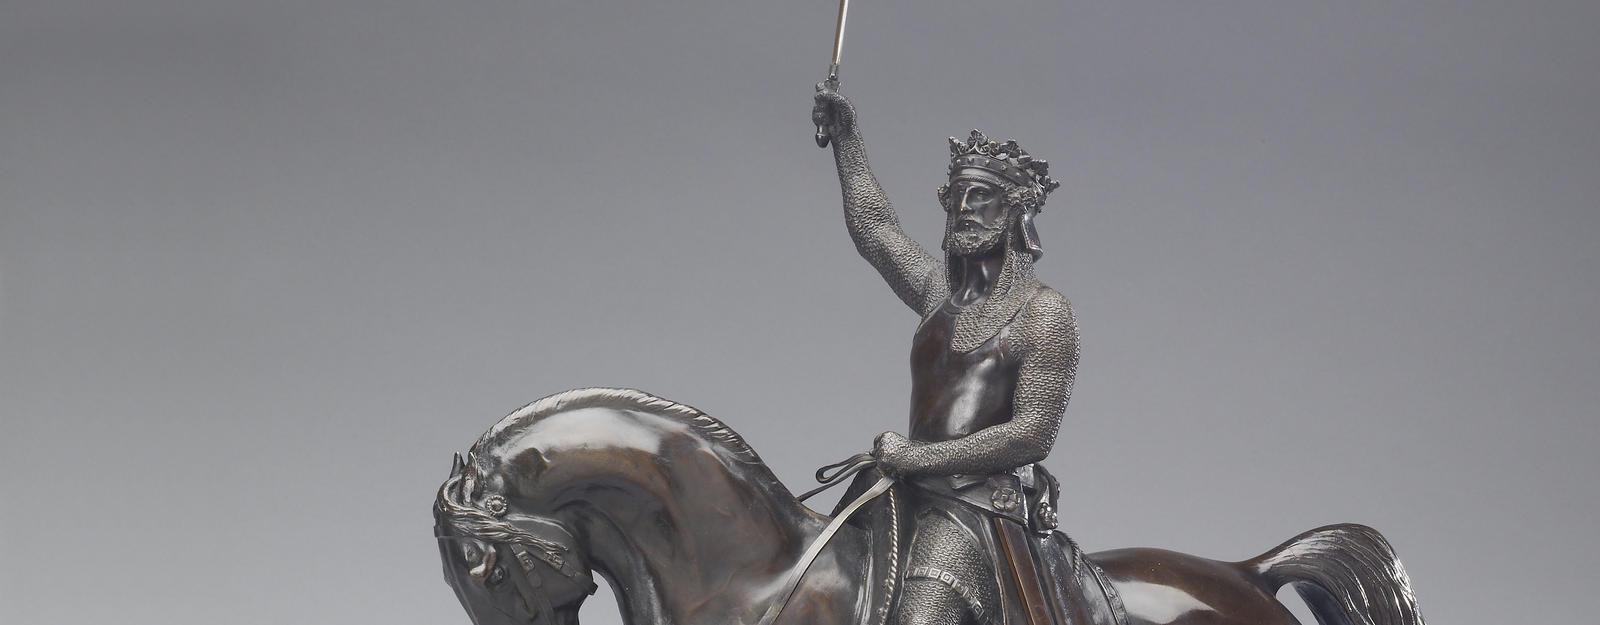 Richard I, Coeur de Lion